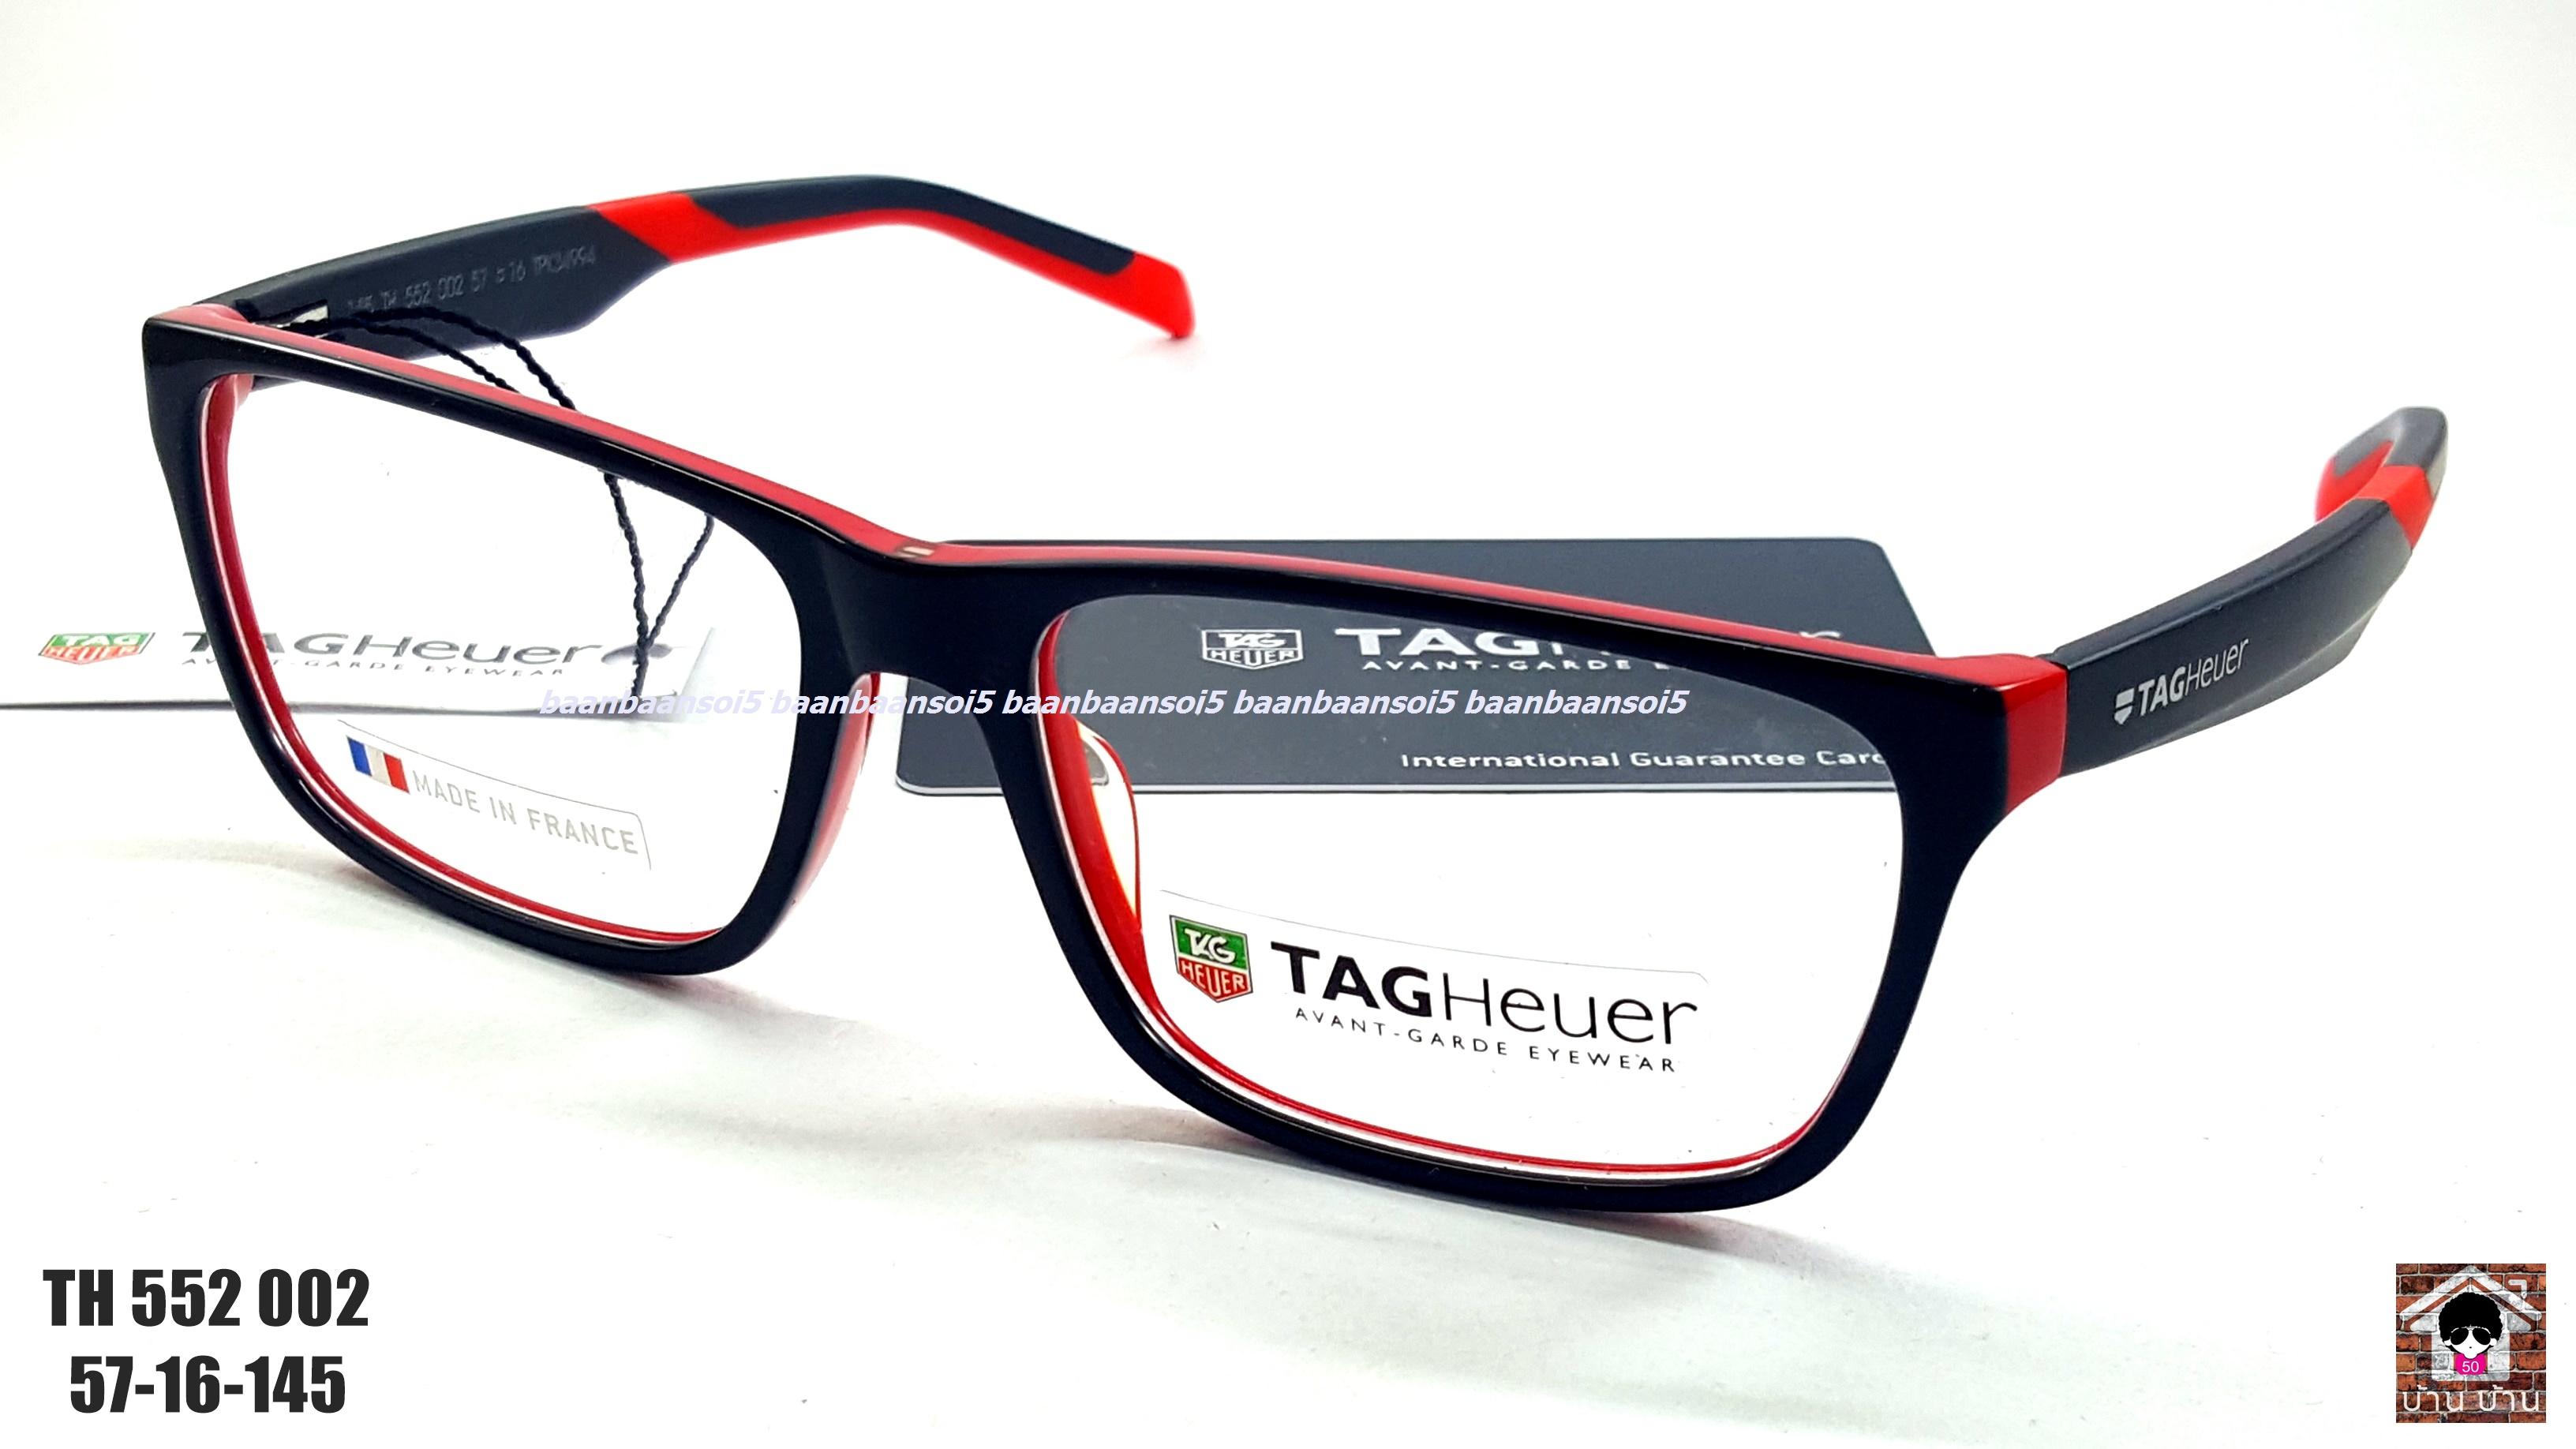 TAG HEUER TH 552 002 Eyeglasses Authentic โปรโมชั่น กรอบแว่นตาพร้อมเลนส์ HOYA ราคา 6,200 บาท